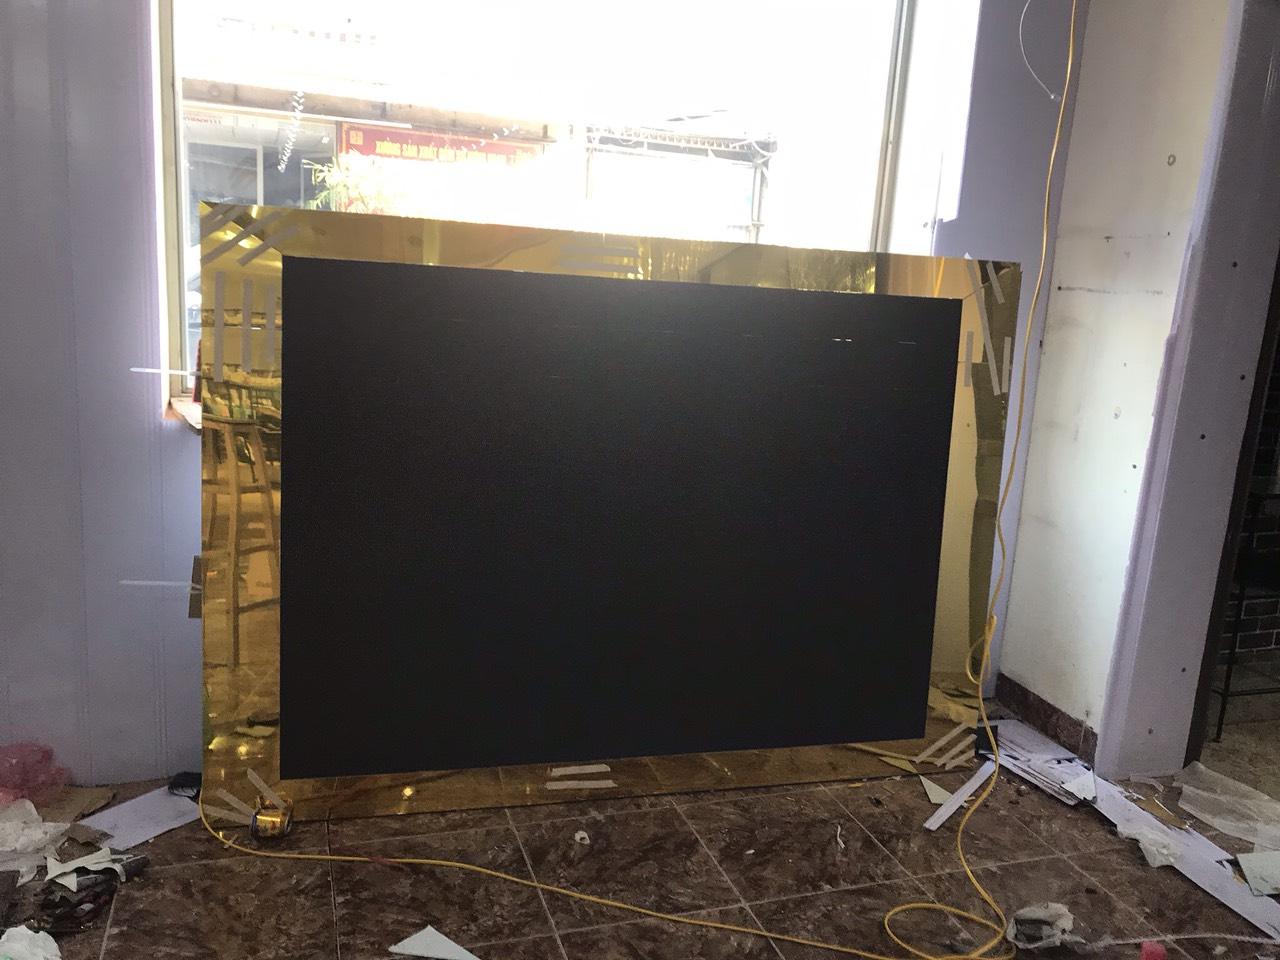 Thi công màn hình Led P4 outdoor Esdled shenzhen